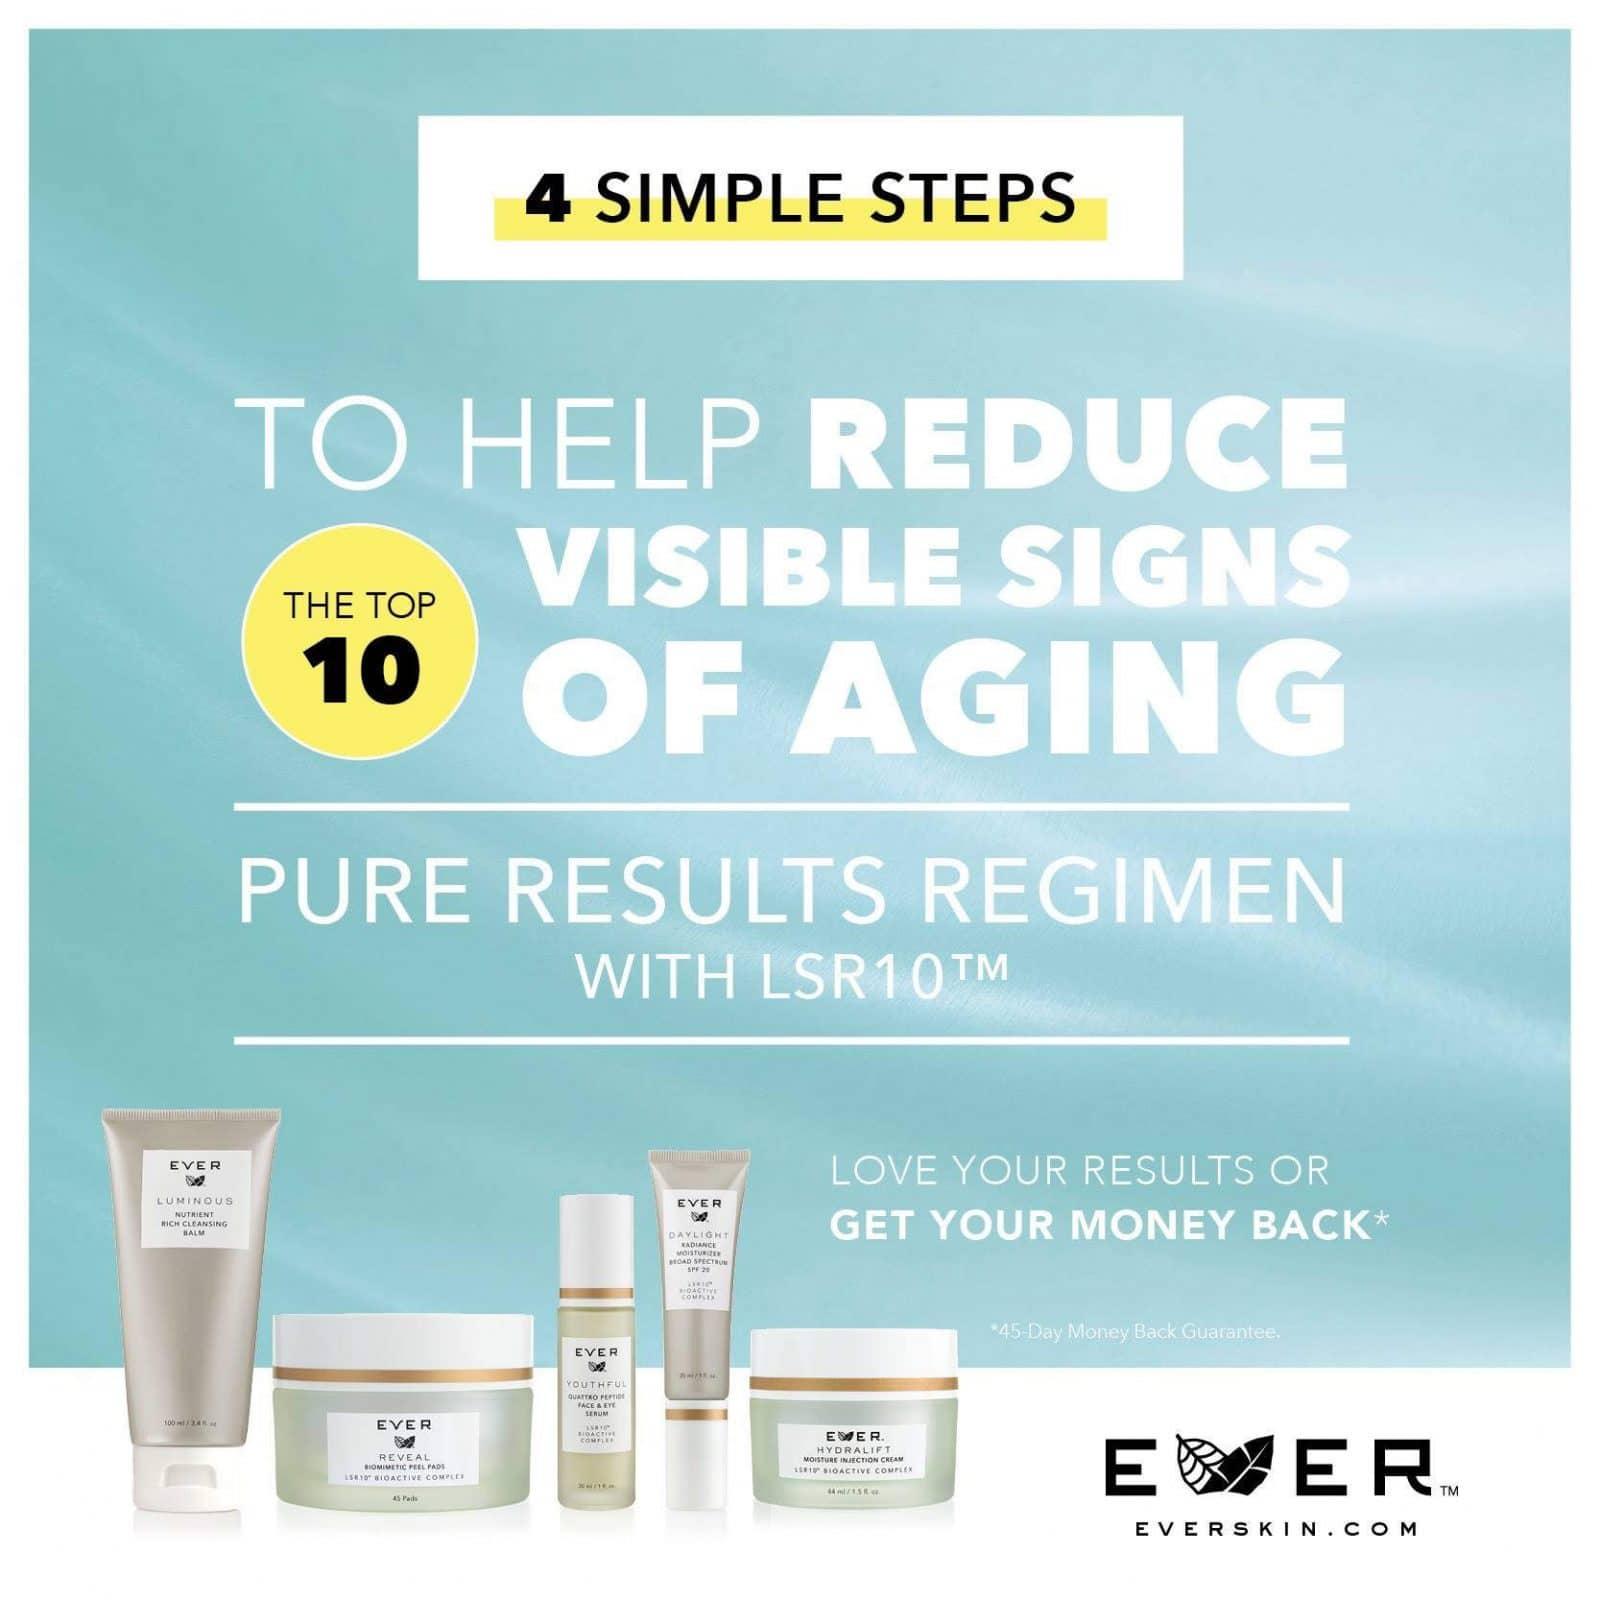 ever-skincare